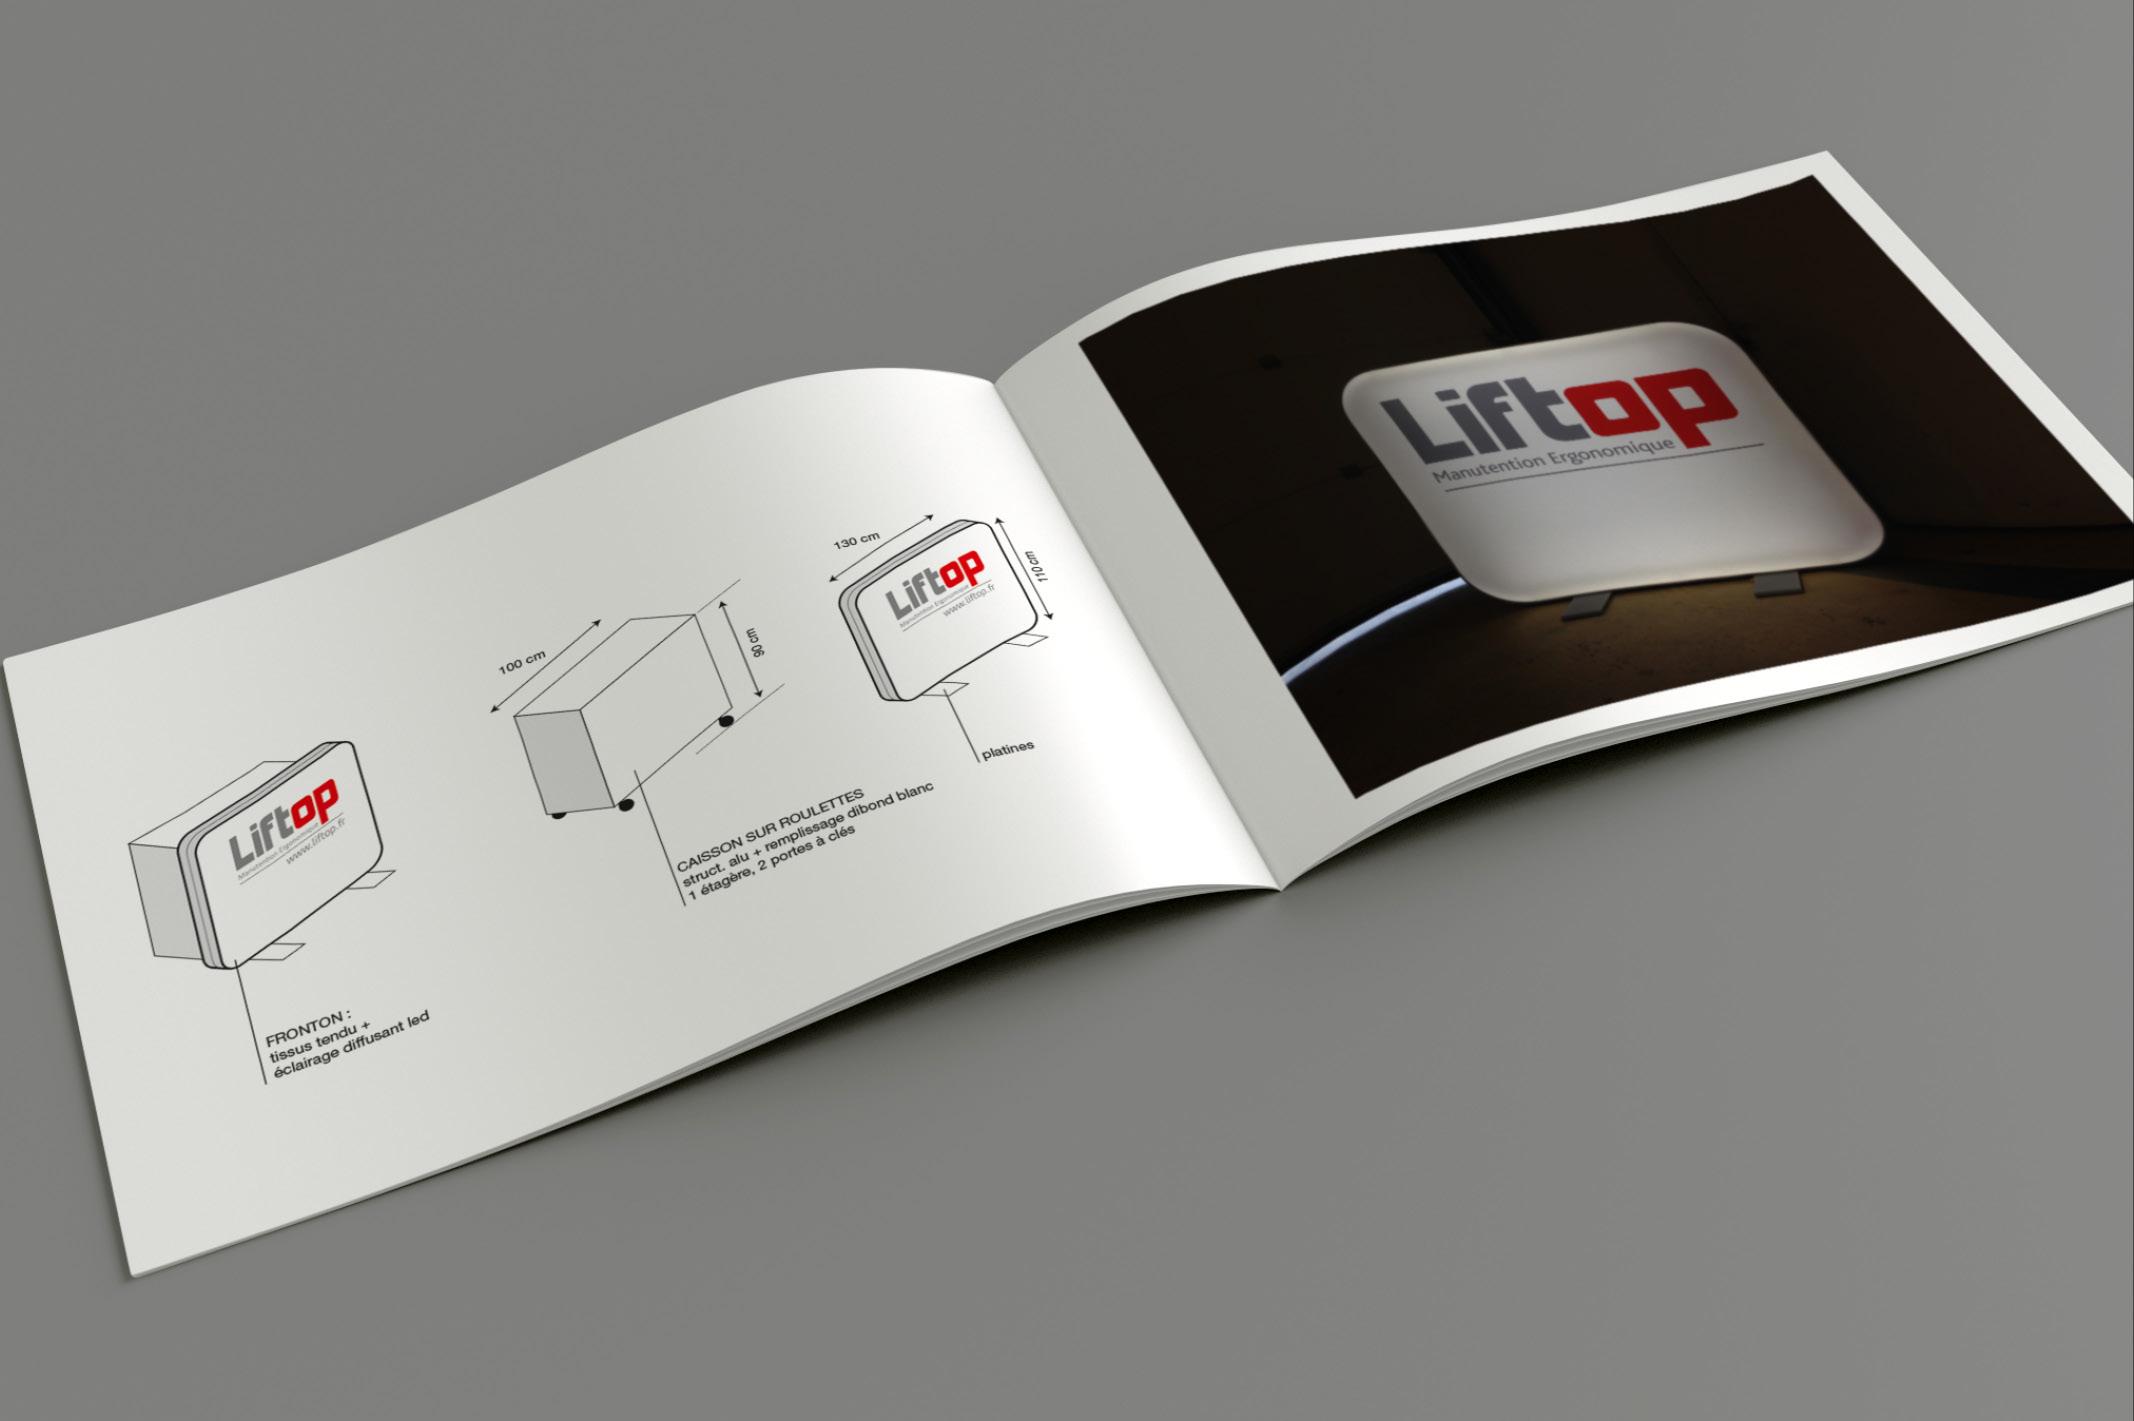 La création d'un stand modulable et évolutif pour l'entreprise Liftop, lui permet d'être présent sur divers salons.